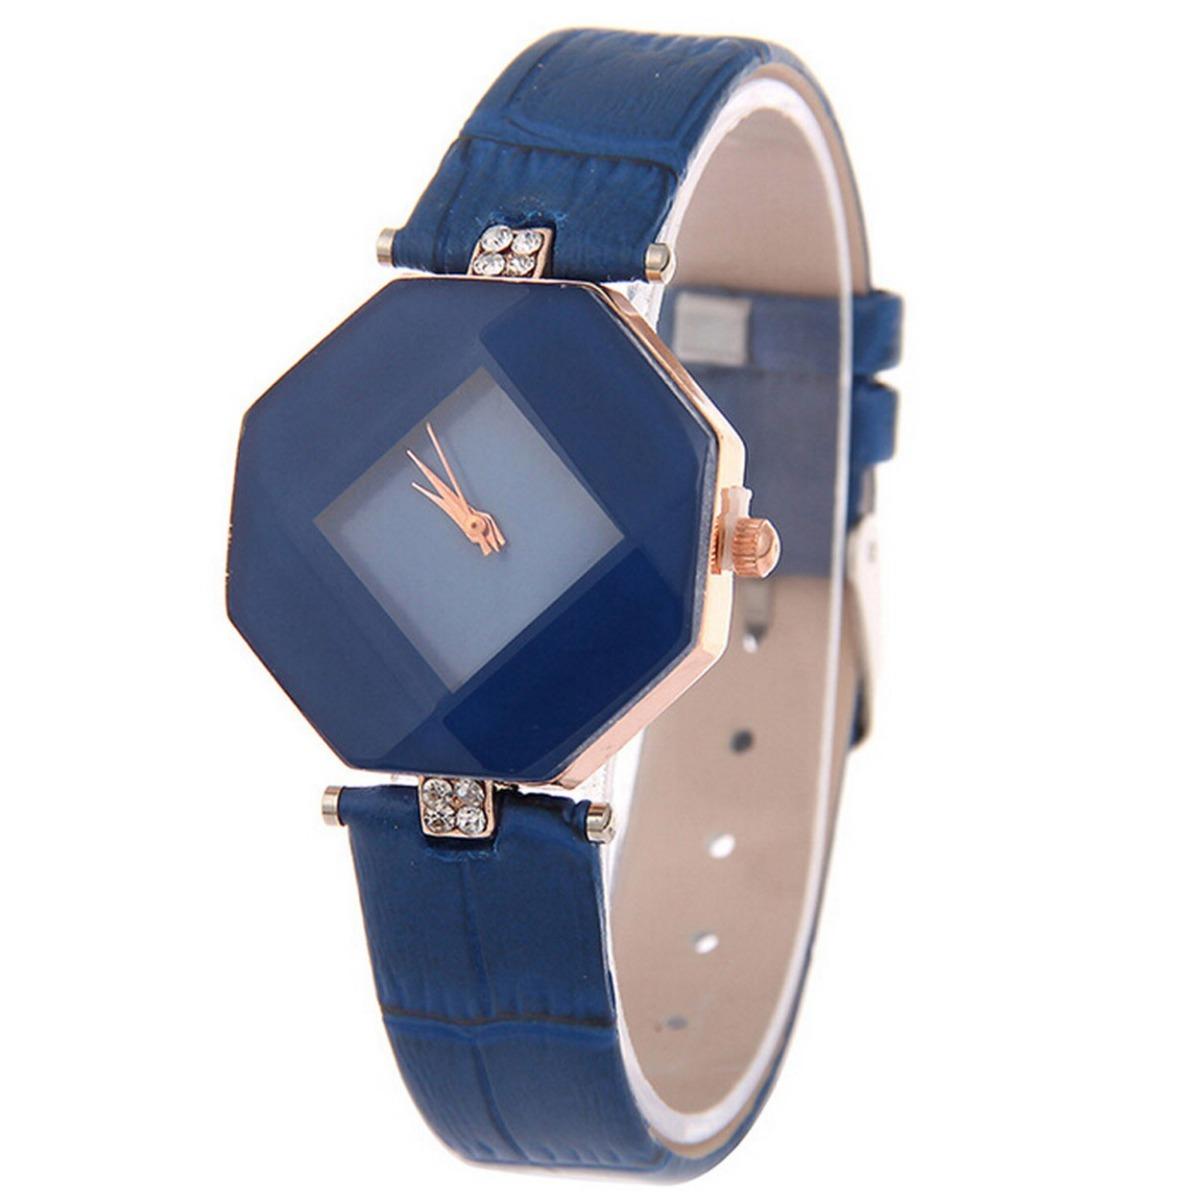 1d9bbc222ab relógio feminino modelo legante lindo promoção e barato vr64. Carregando  zoom.